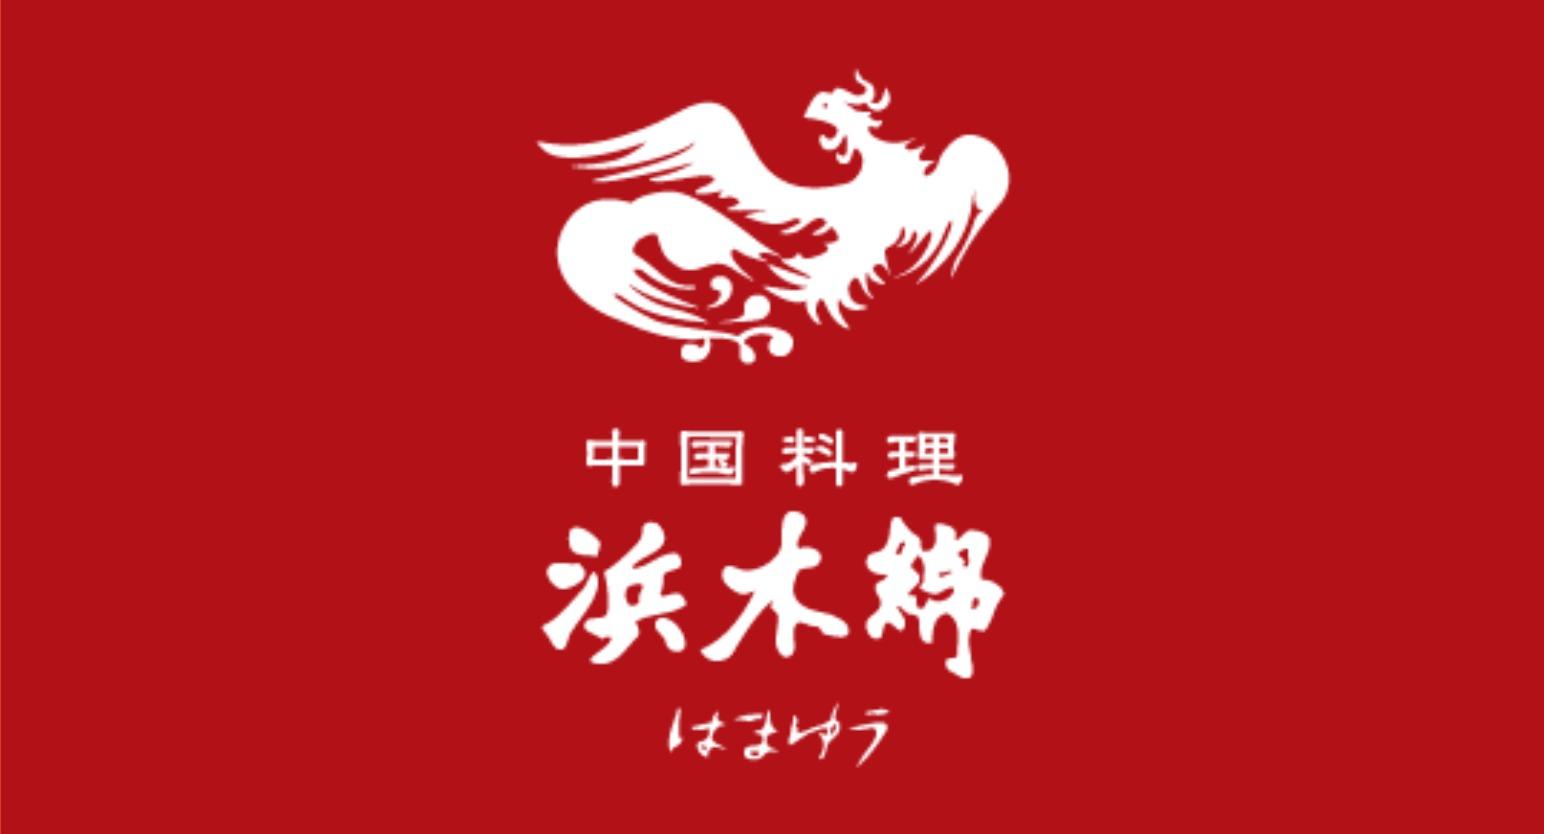 愛知拠点の中国料理「浜木綿」が新規上場!3大都市圏の中華市場にも注目